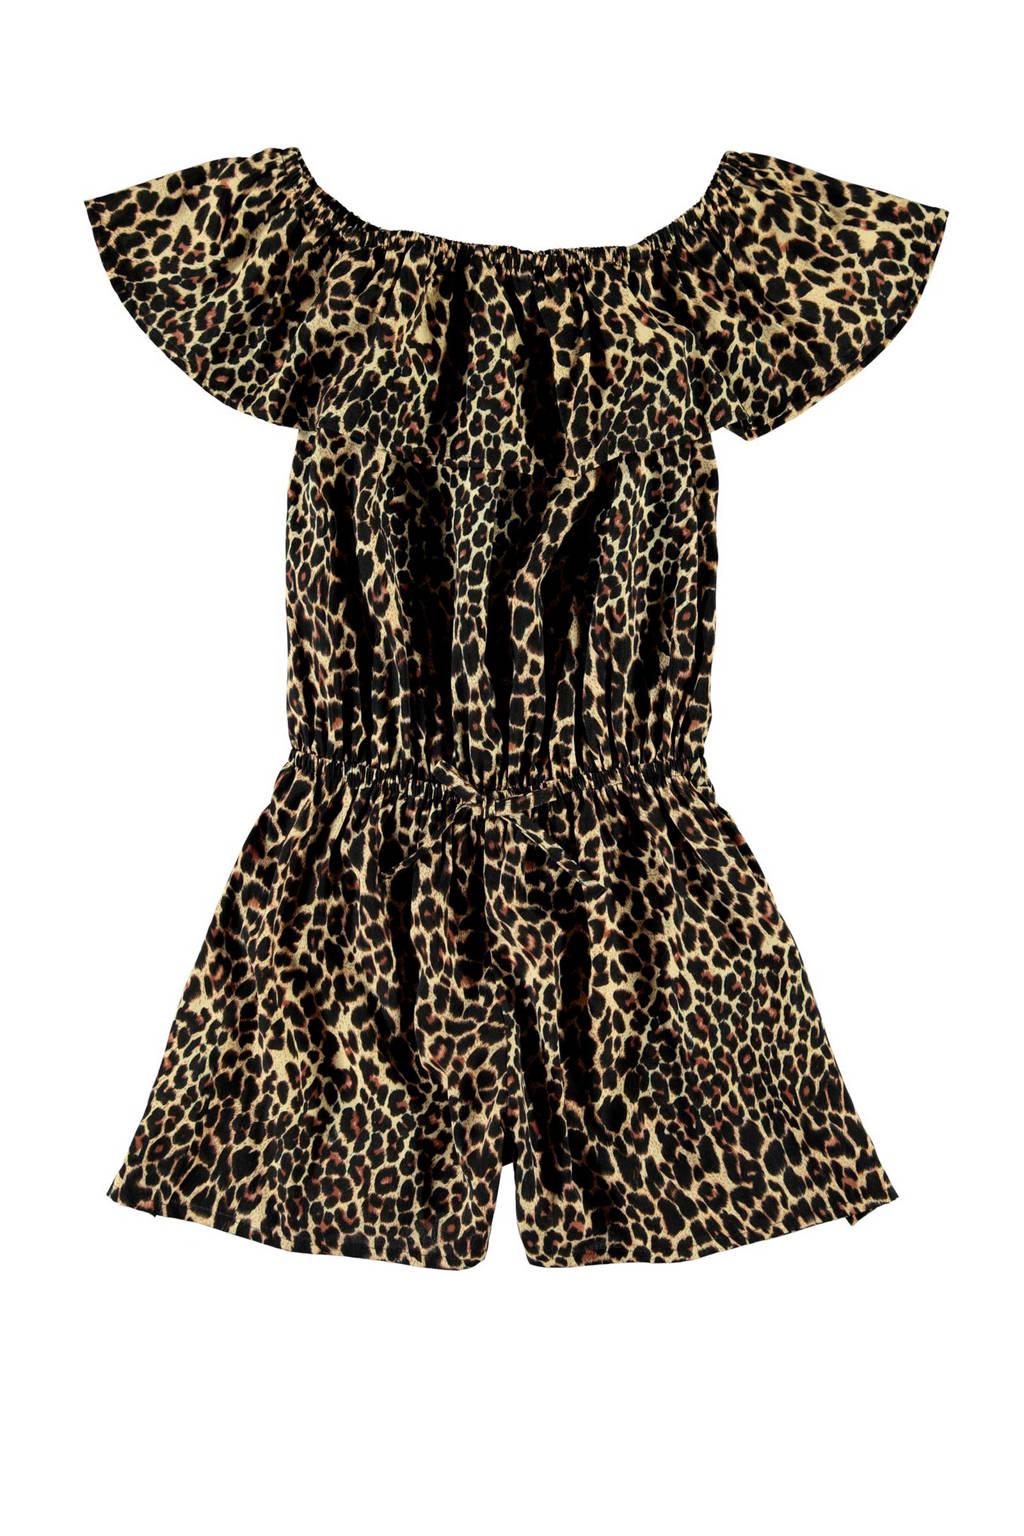 NAME IT KIDS off shoulder jumpsuit Vinaya met panterprint bruin/zwart, Bruin/zwart